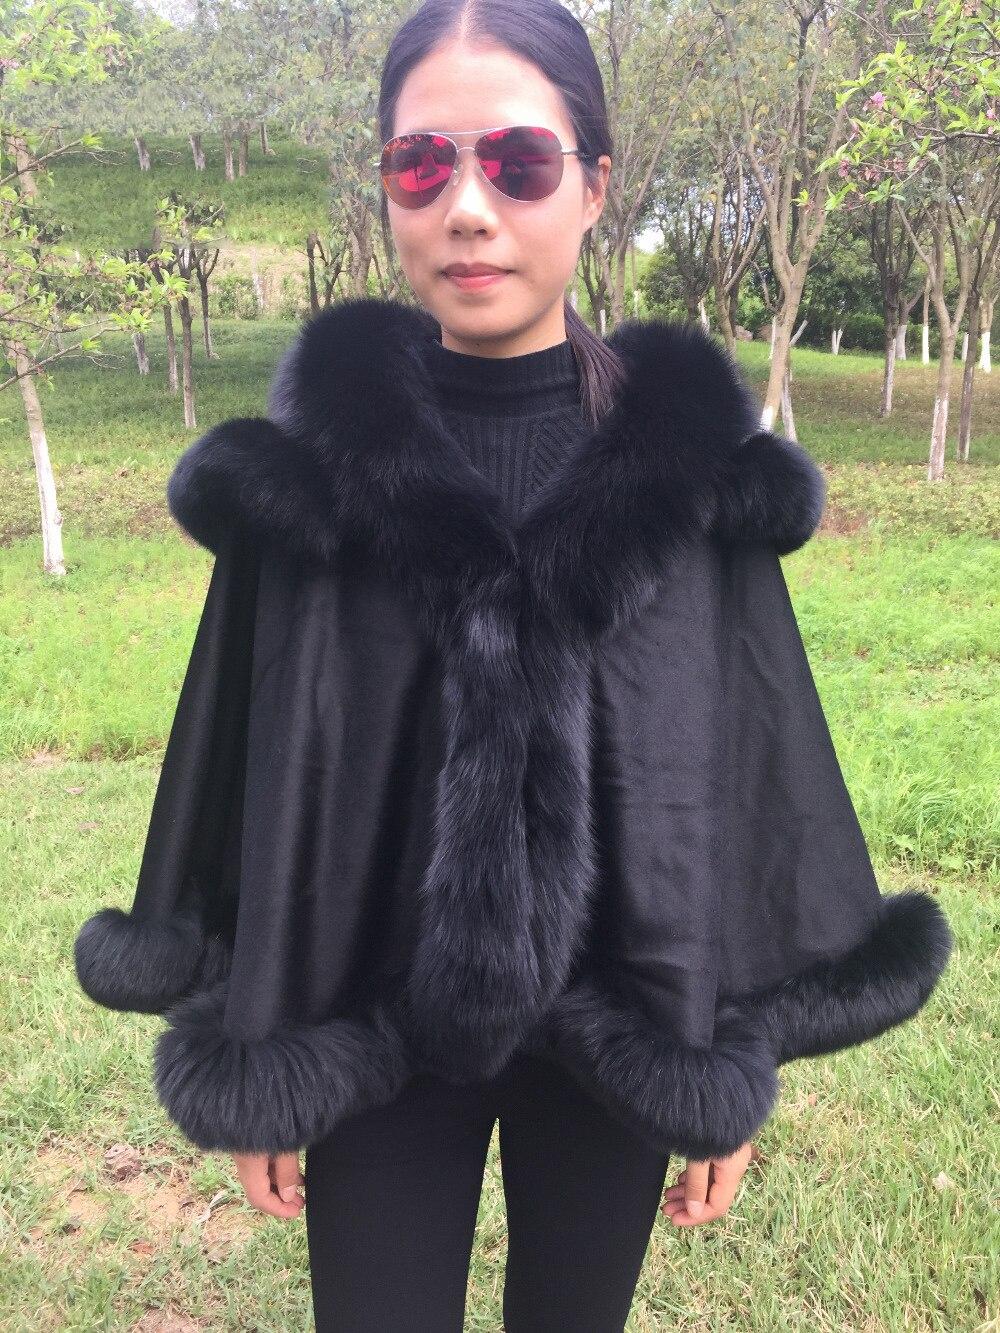 Brun Pashmina châle en cachemire Wrap Poncho Manteau Pashmina Châles avec Fourrure Pashmina écharpe en laine Renard col de fourrure Poncho À Capuche